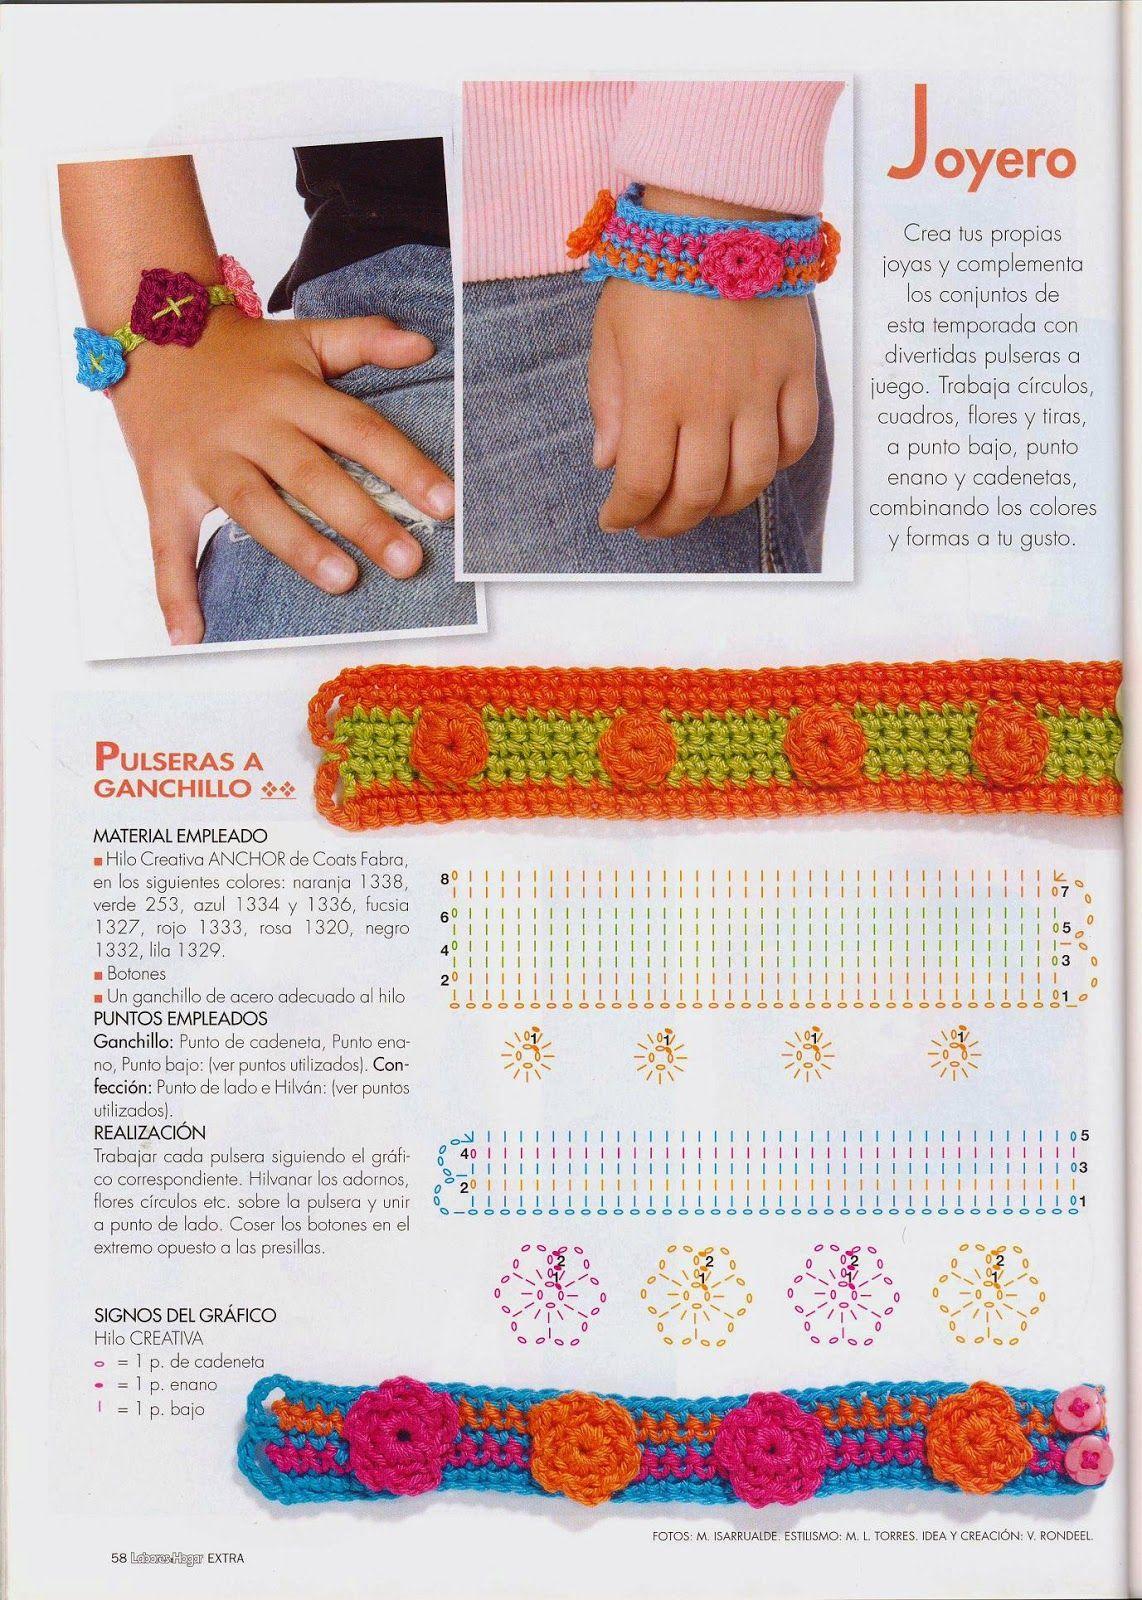 Revista de crochet moderna - Cursos y tutoriales para manualidades ...